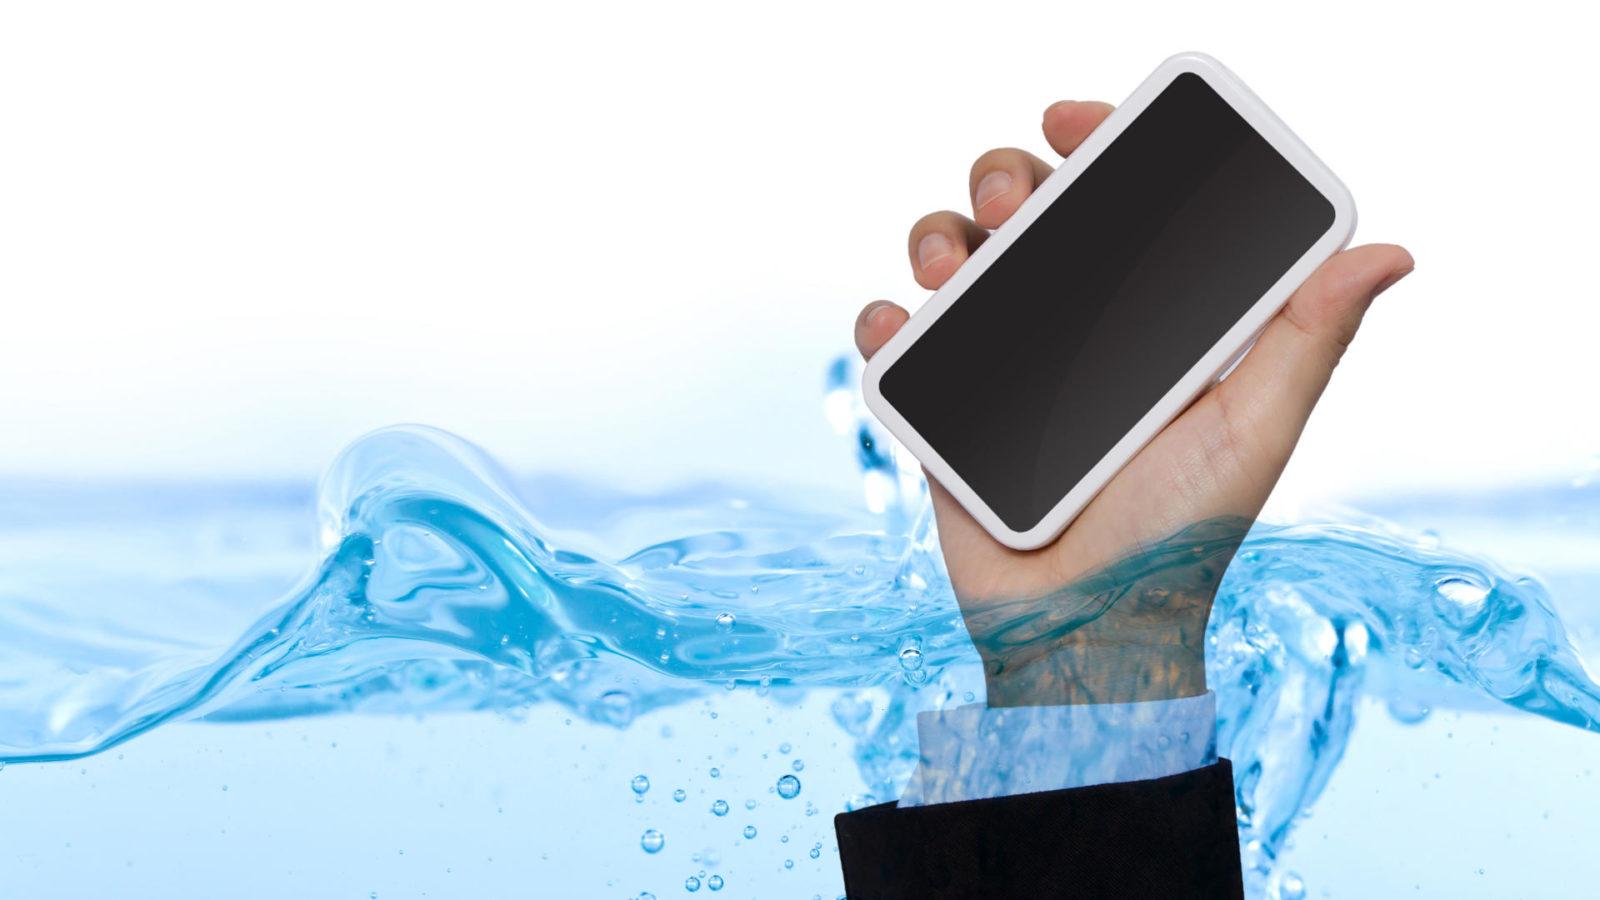 Se il mio telefono cade in acqua, è garantito? 1